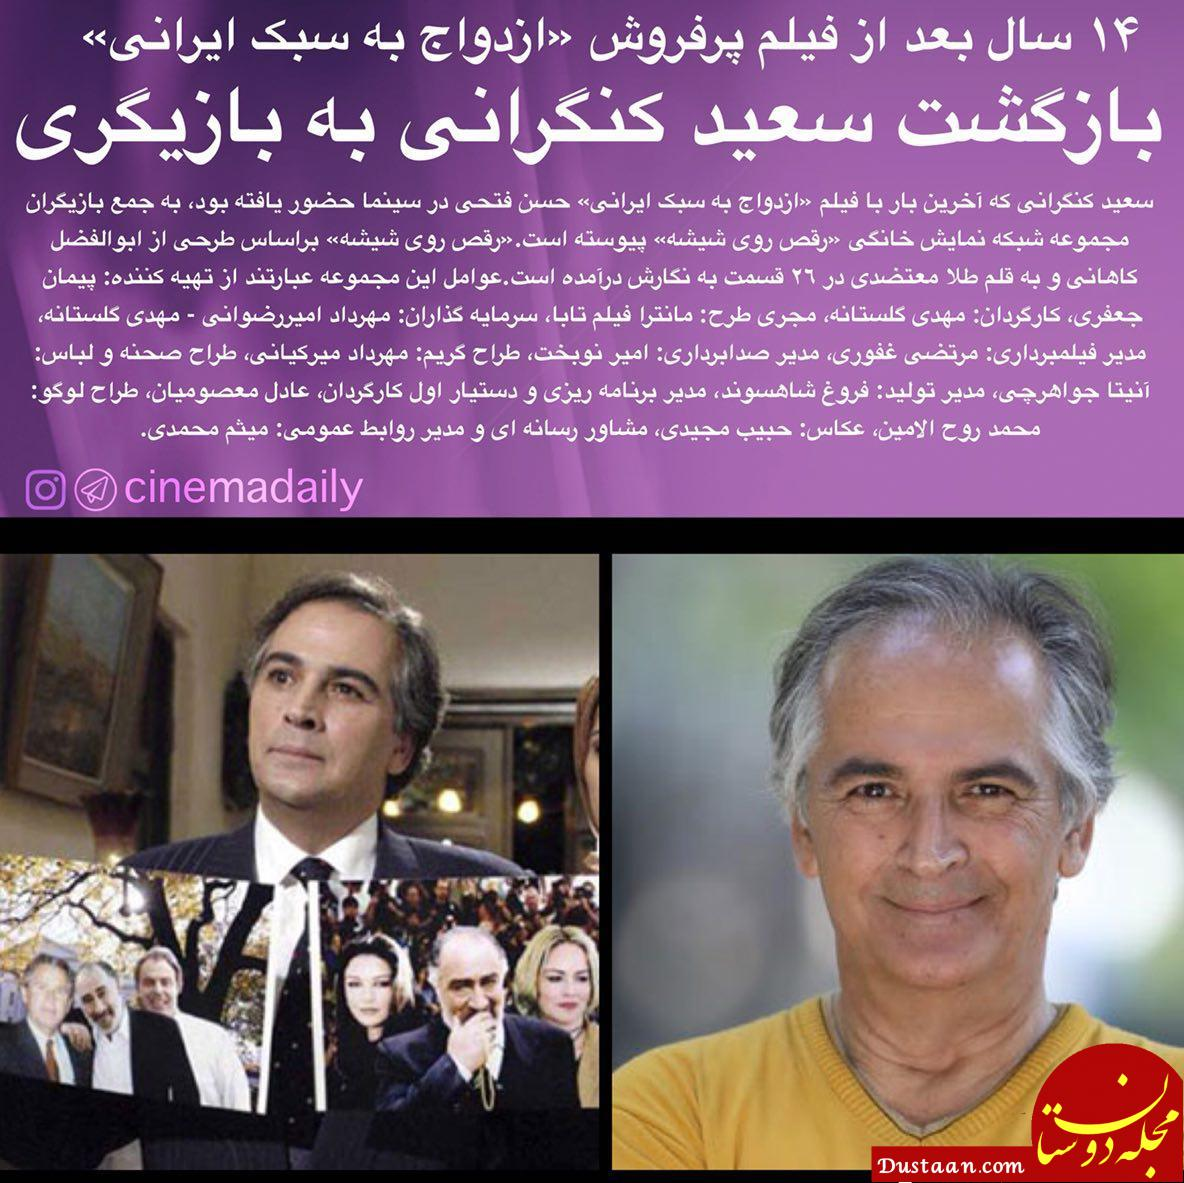 سعید کنگرانی بعد از 14 سال به بازیگری بازگشت عکس مجله اینترنتی دوستان